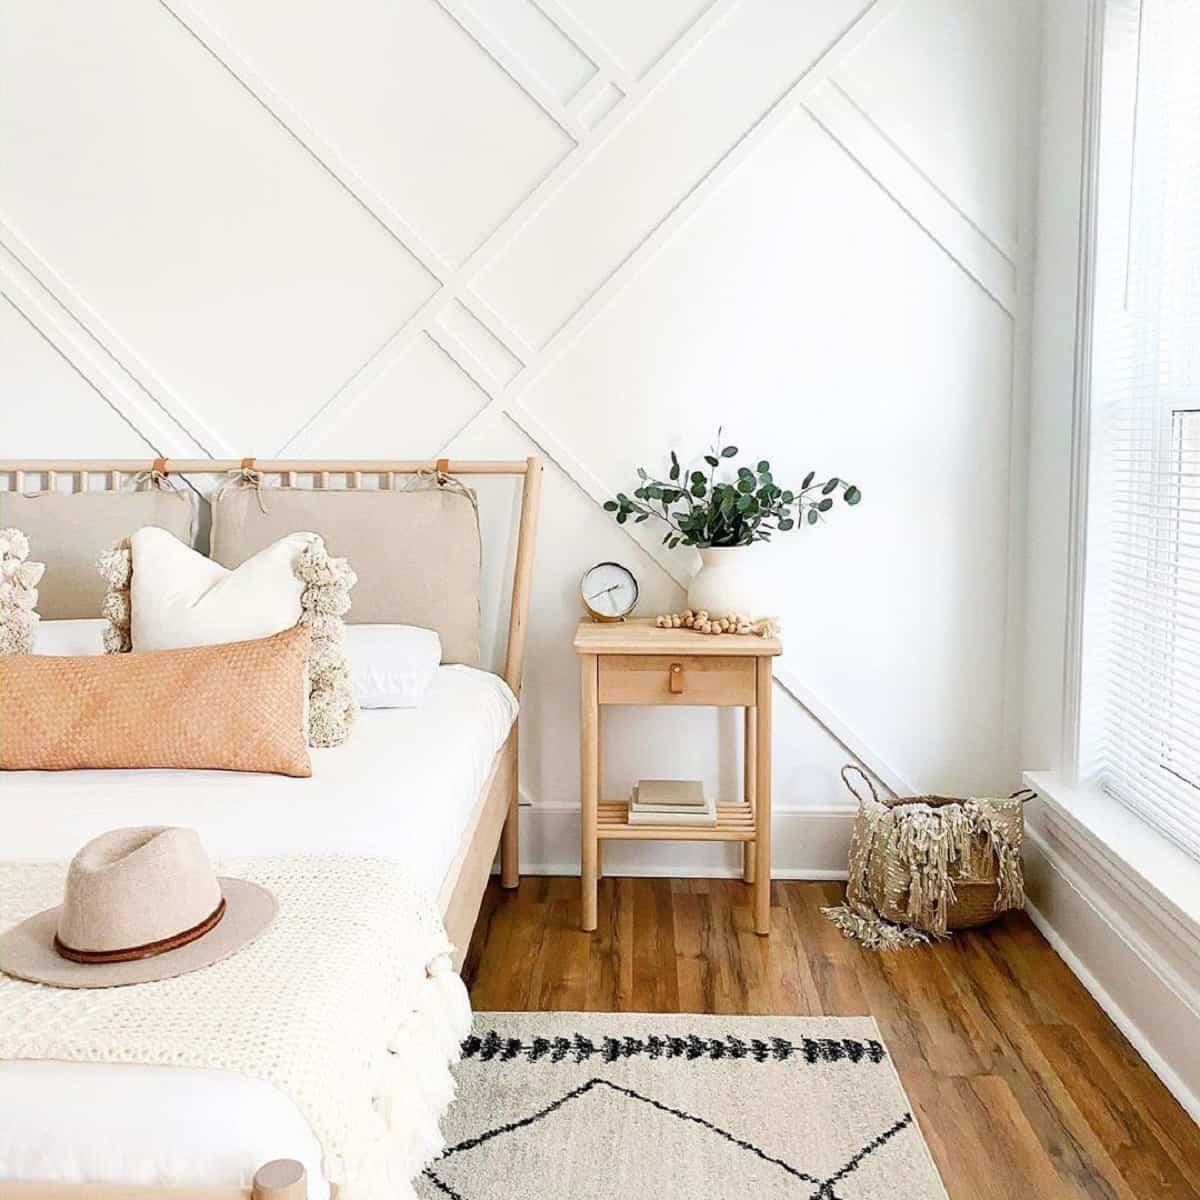 como conseguir un dormitorio mas fresco en verano 8